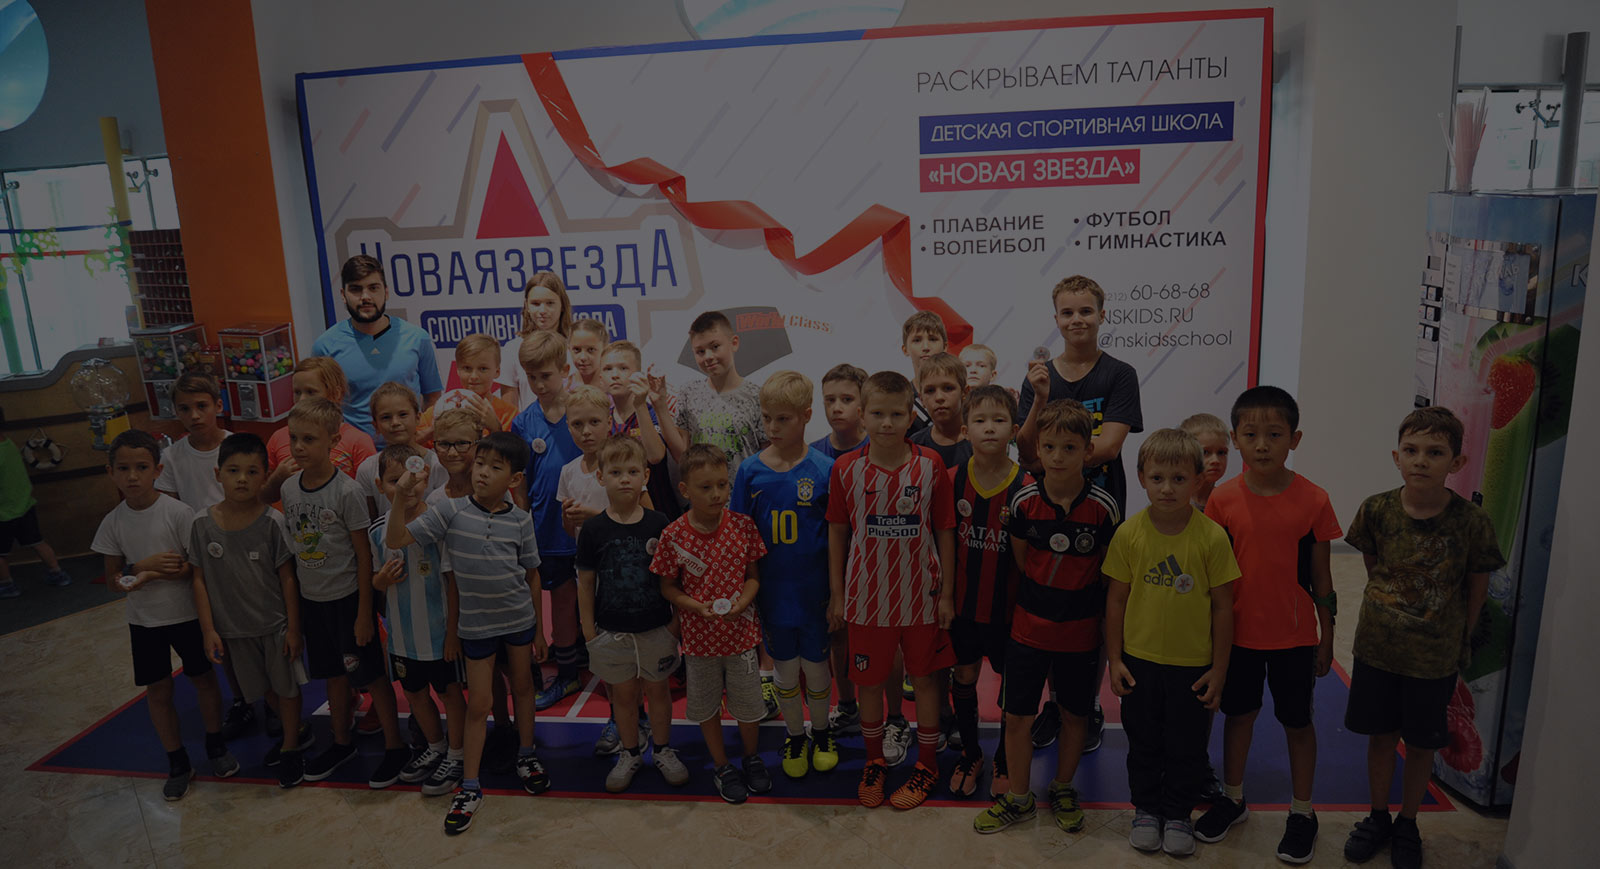 Cпортивная школа Новая Звезда